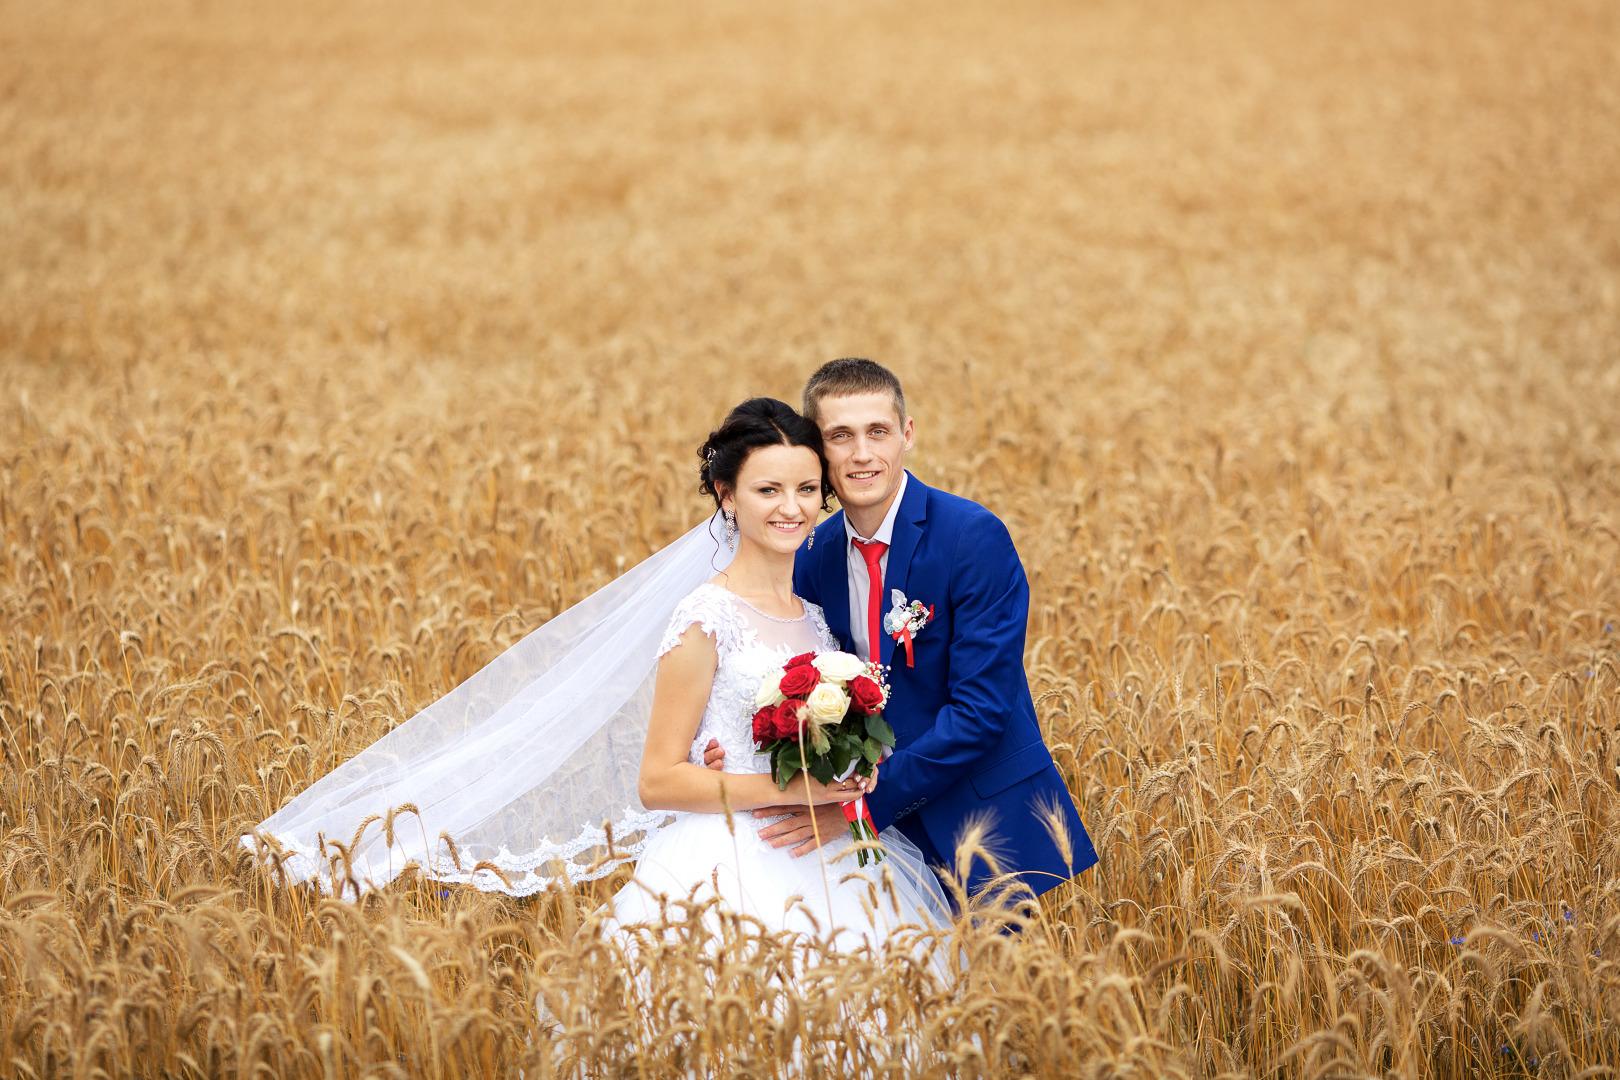 раз рассказывала, свадебные фото брест можете заказать фотографии